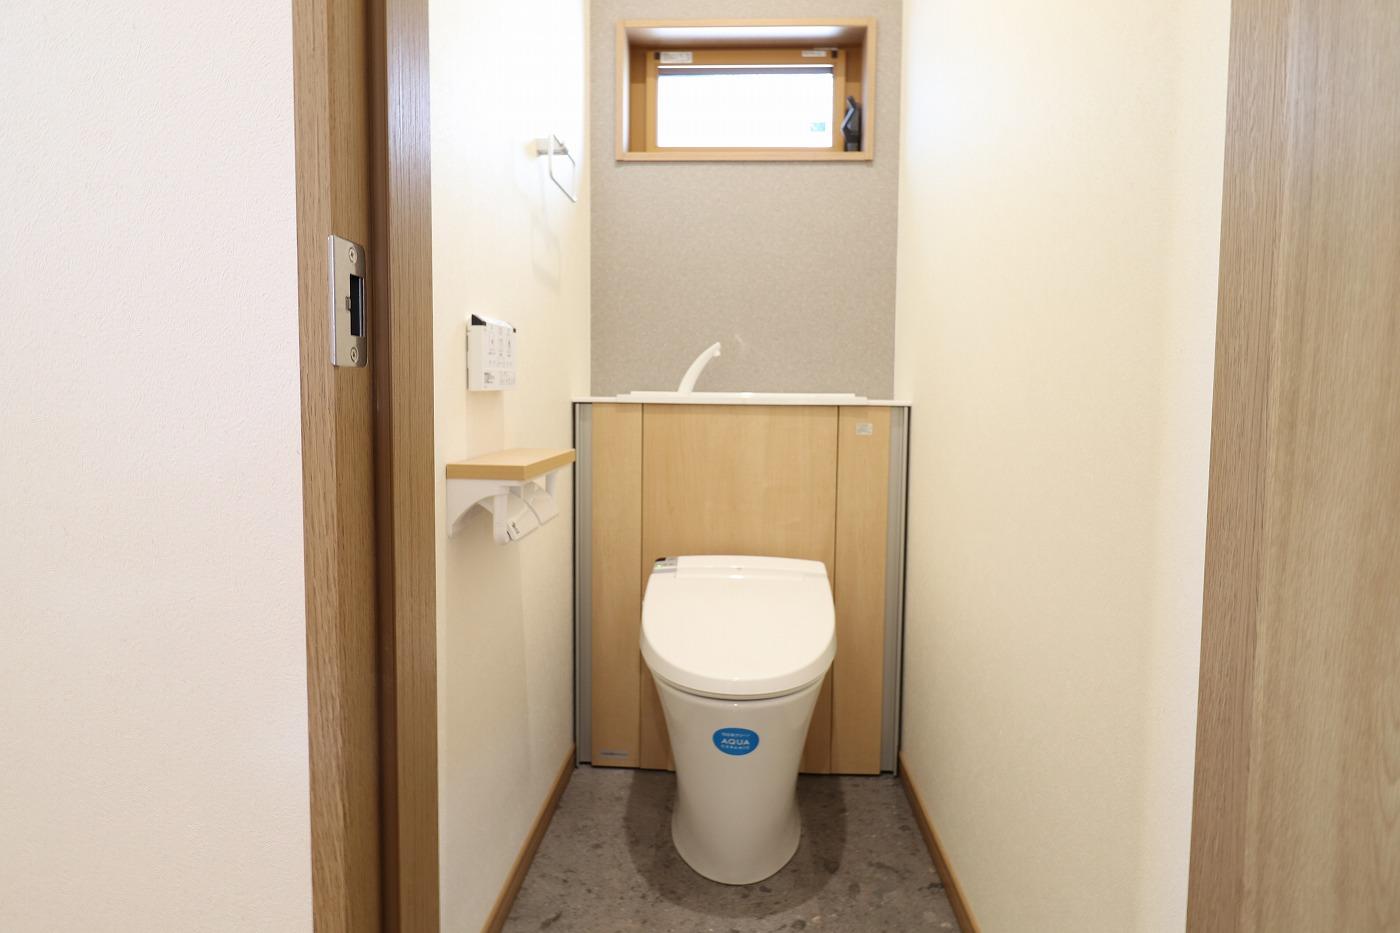 高松市木太町の新築分譲住宅のトイレ